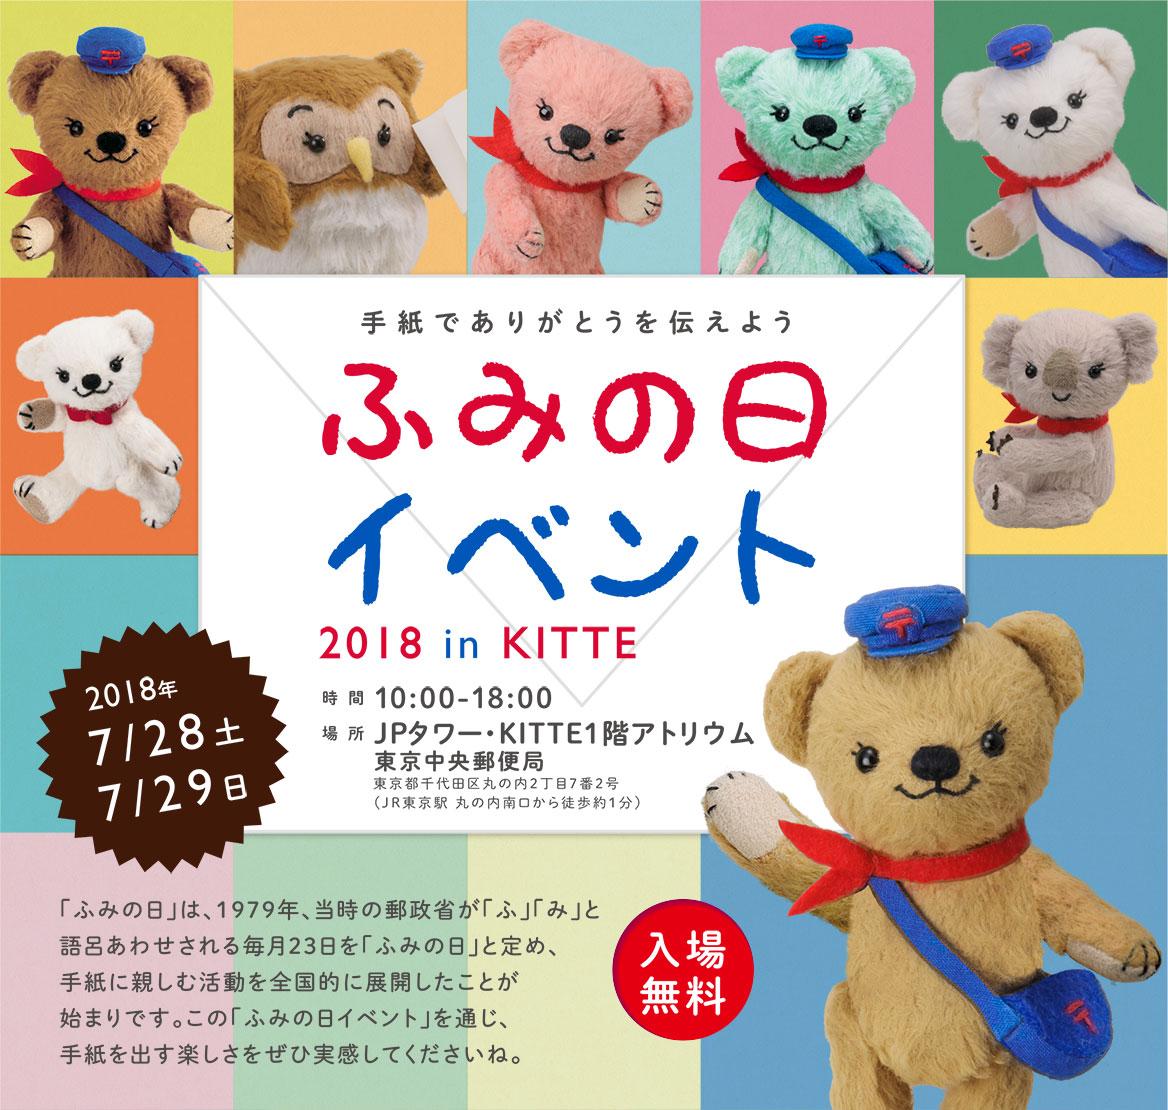 東京駅前のJPタワー・KITTEでふみの日イベント。ステージイベントや子供向けワークショップを開催予定。7/28~7/29。